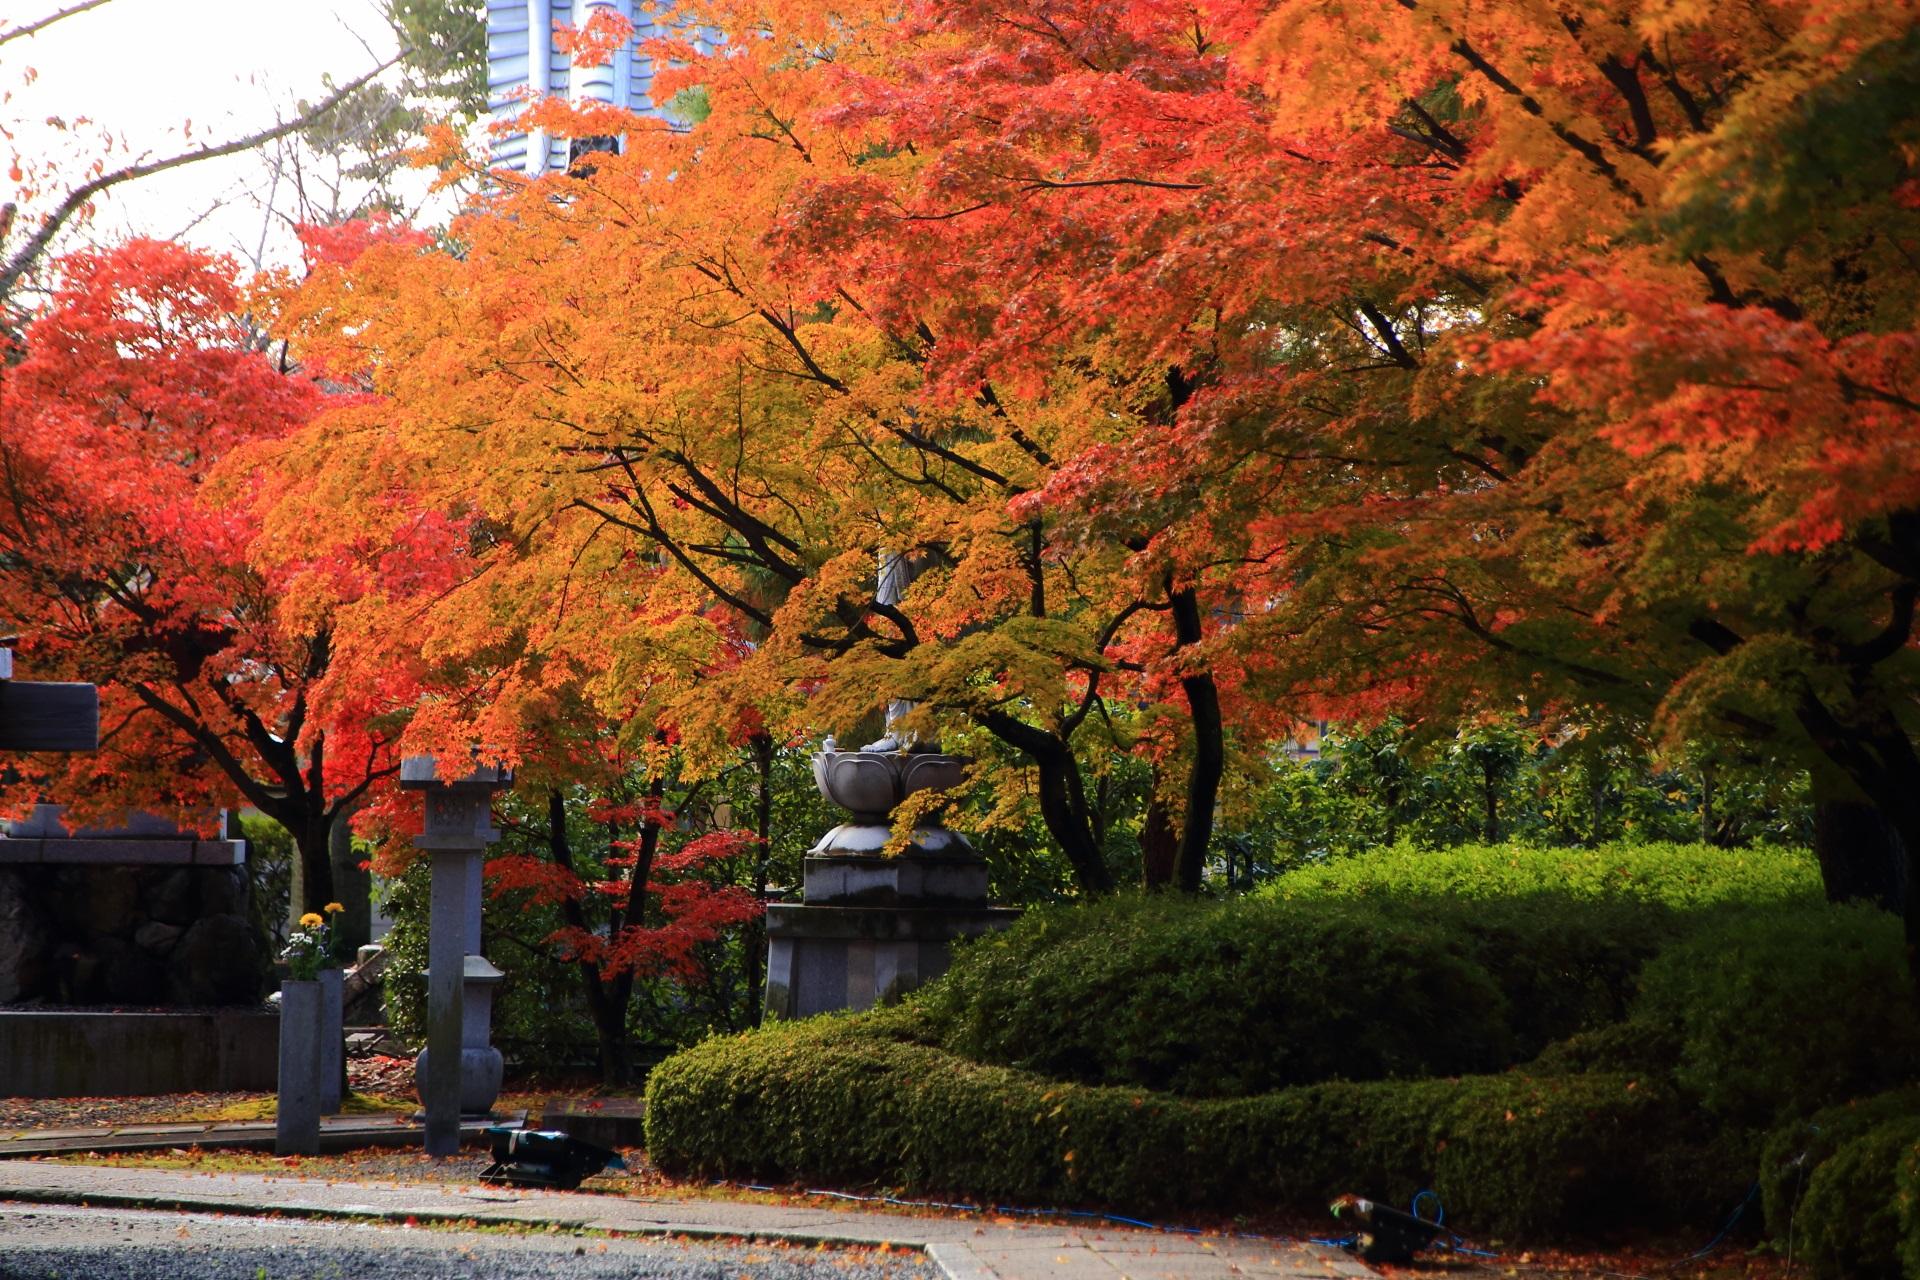 妙顕寺の日に照らされて輝く多彩な紅葉